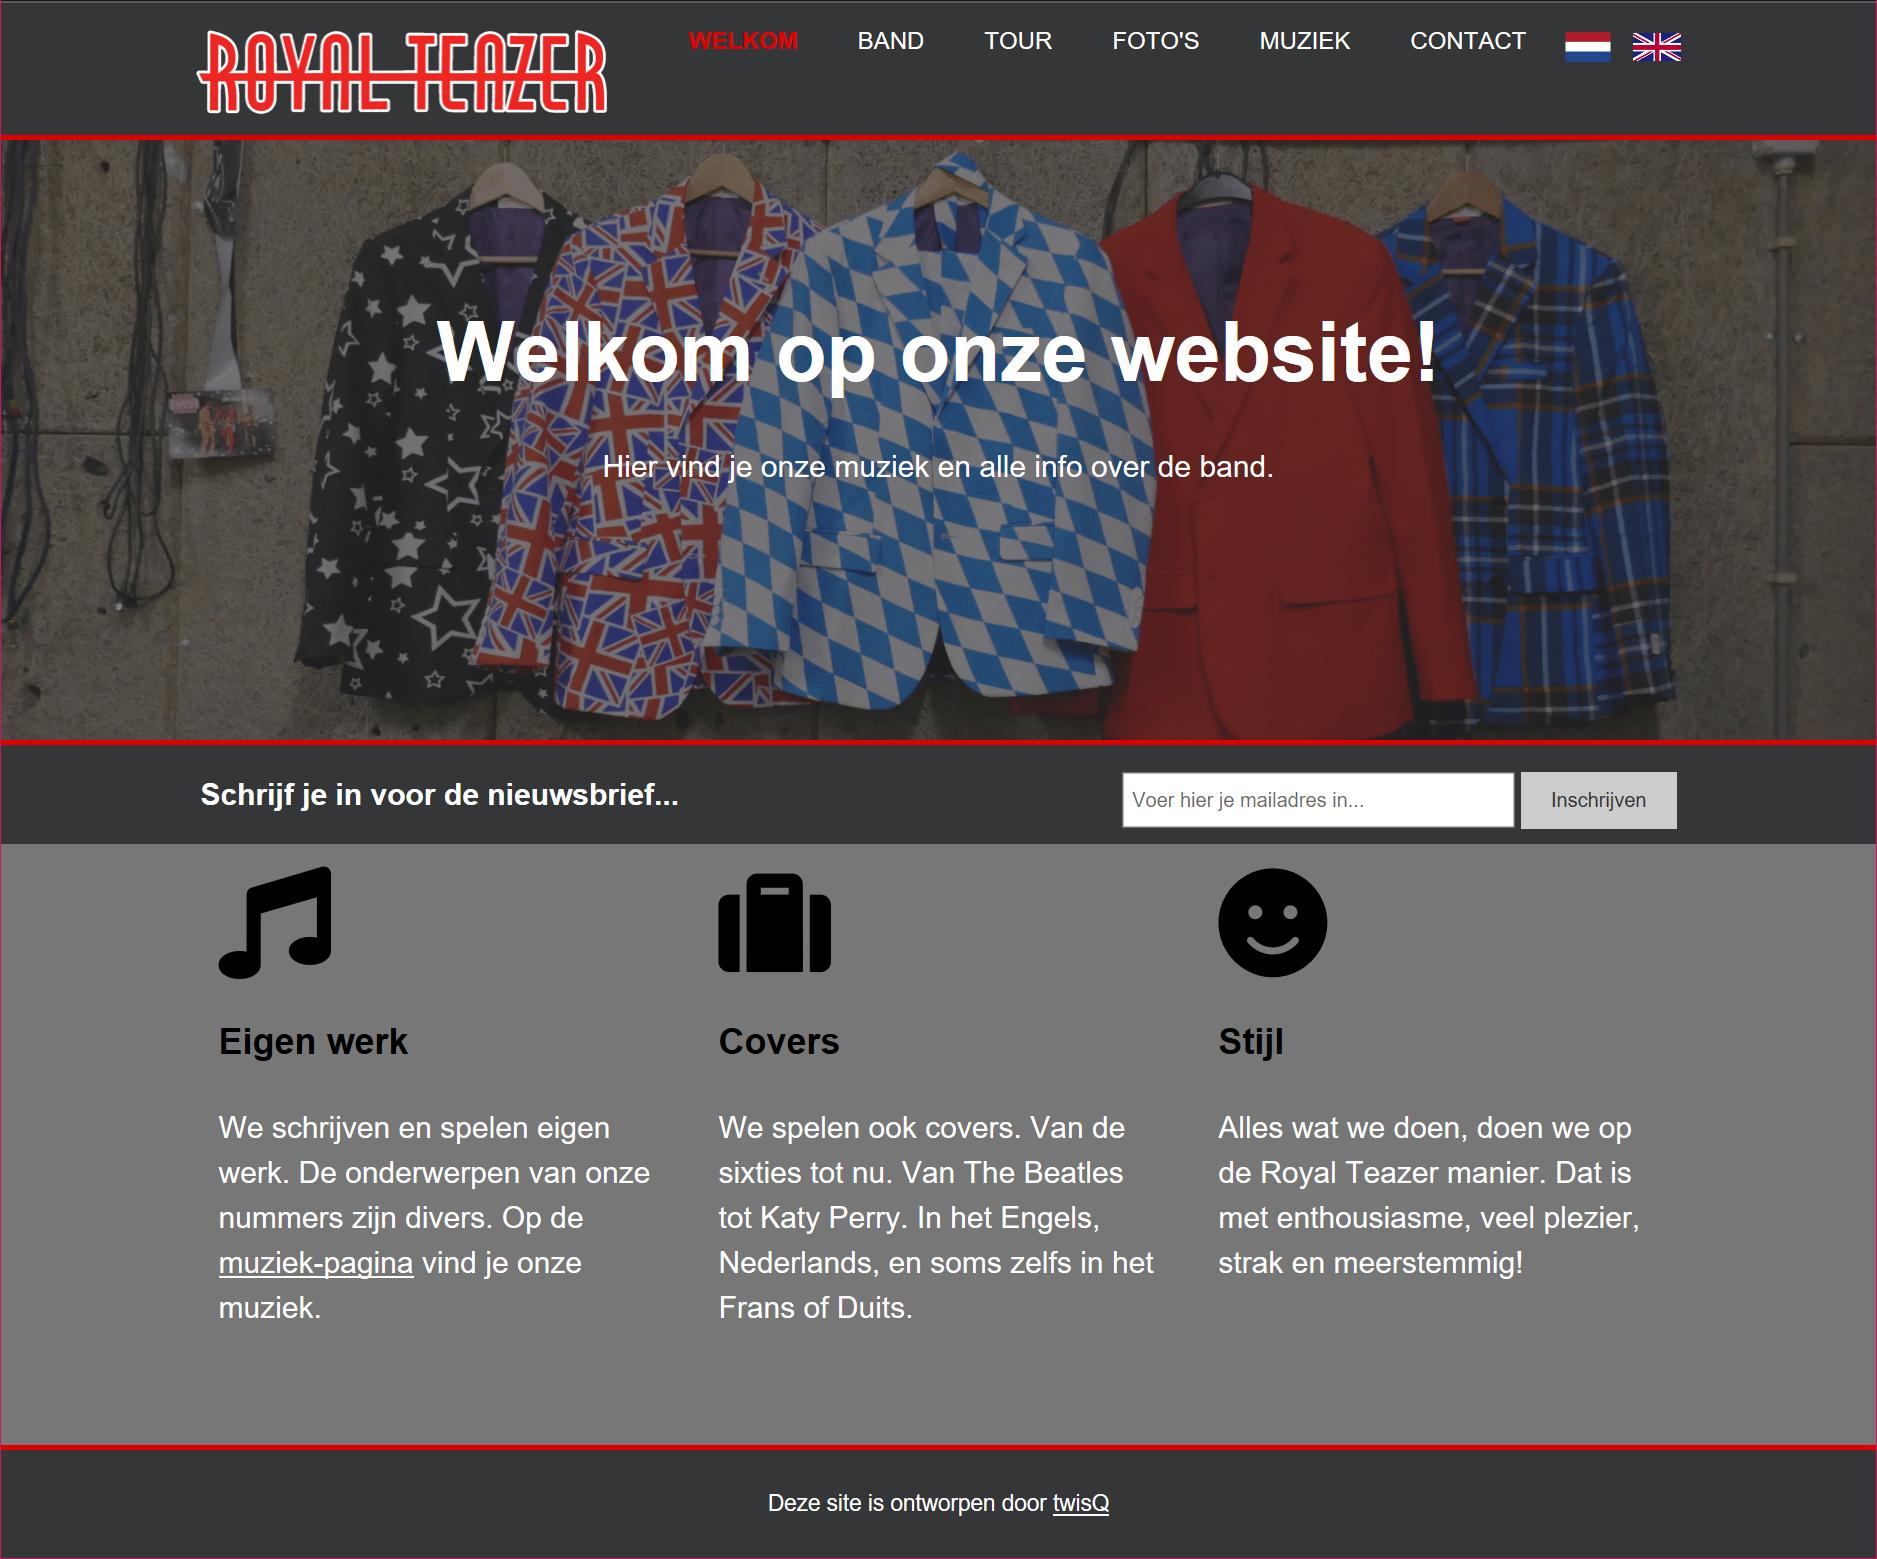 Image of Royal Teazer website